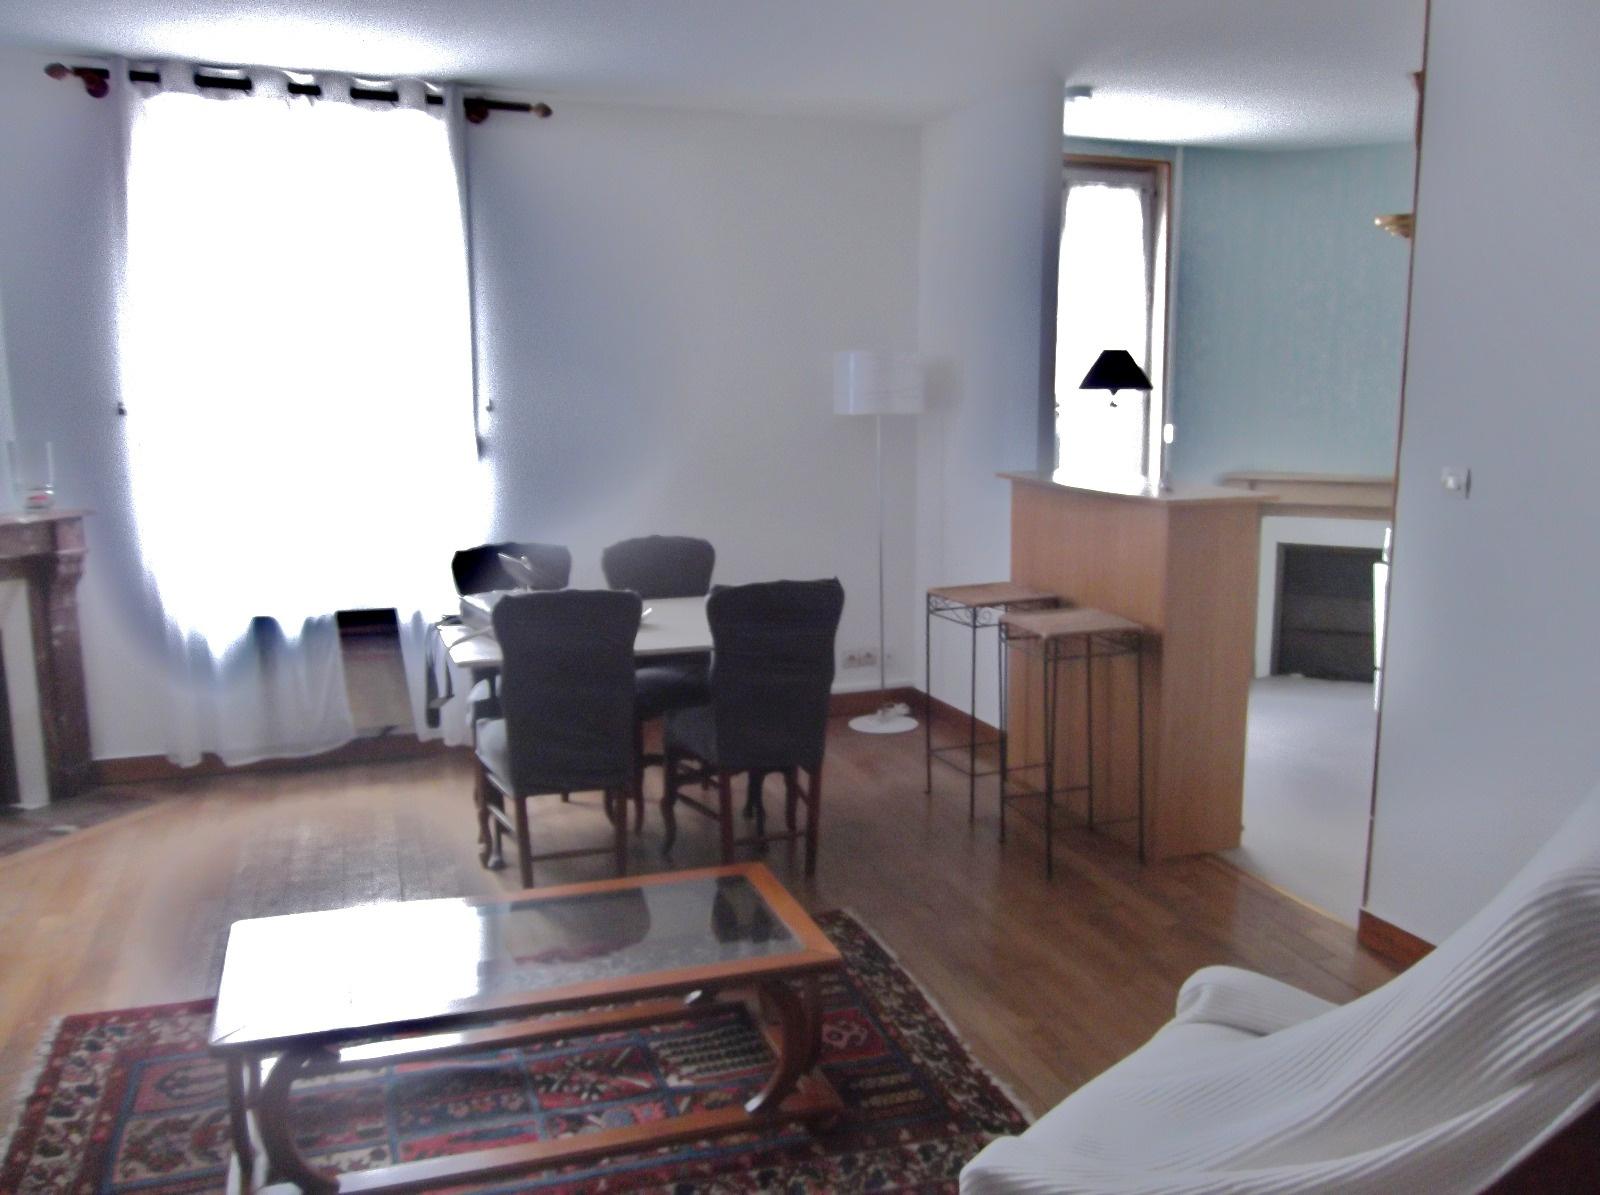 location nevers centre appartement t 3 4 avec meubles. Black Bedroom Furniture Sets. Home Design Ideas